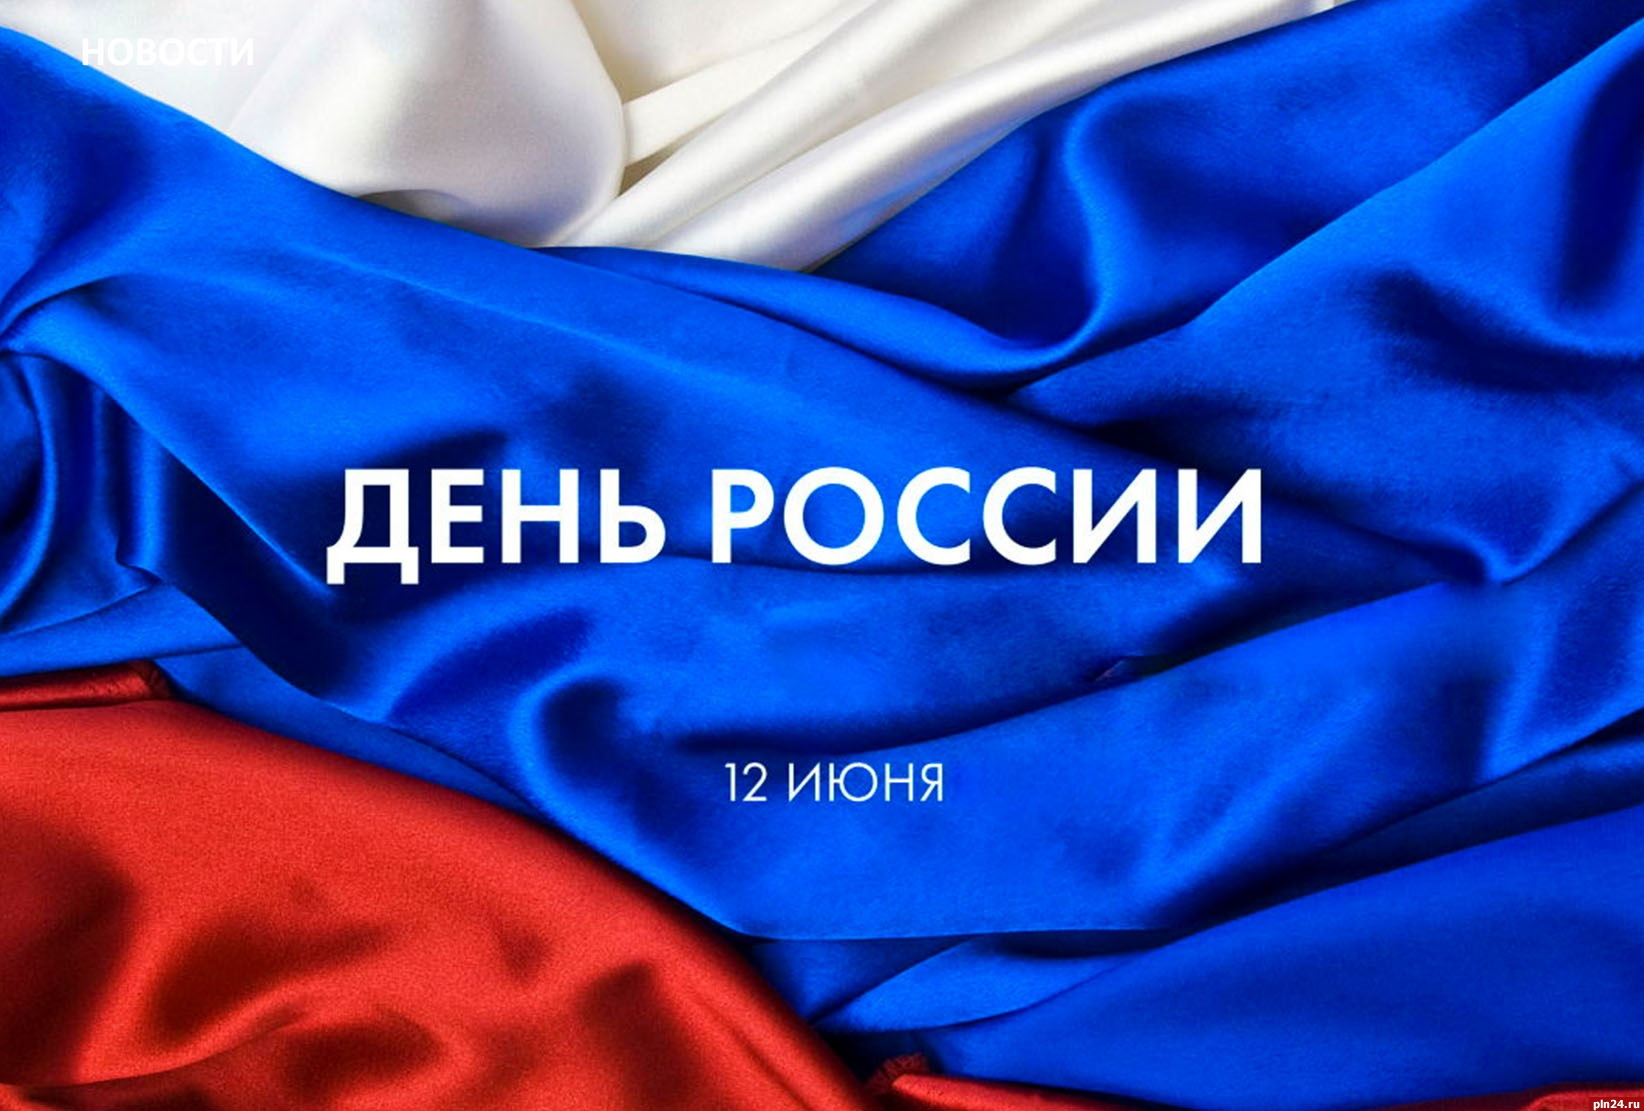 Скидки в честь Дня России